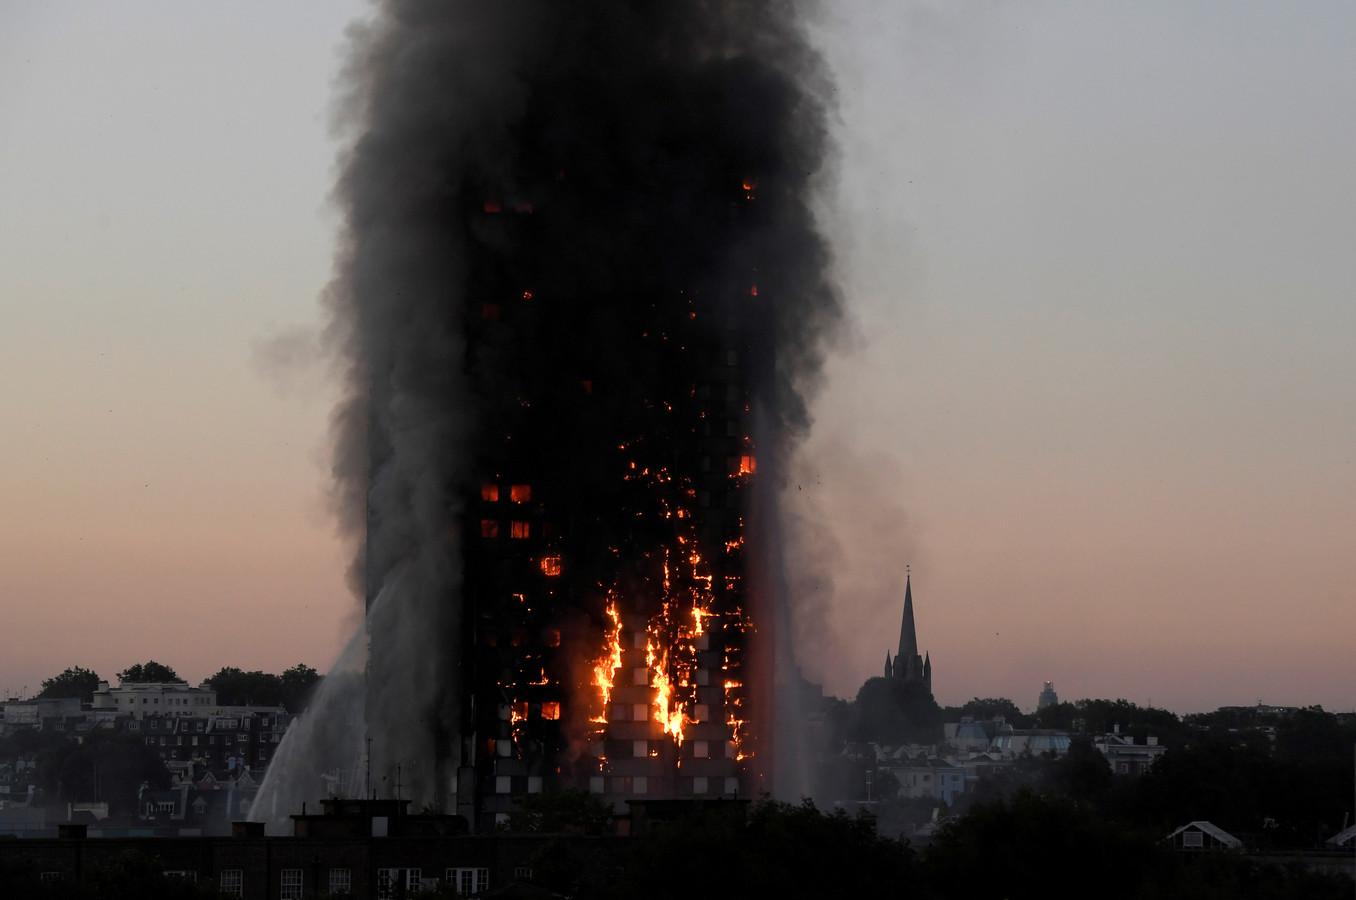 Archiefbeeld juni 2017, de enorme brand in de Londense Grenfell Tower.